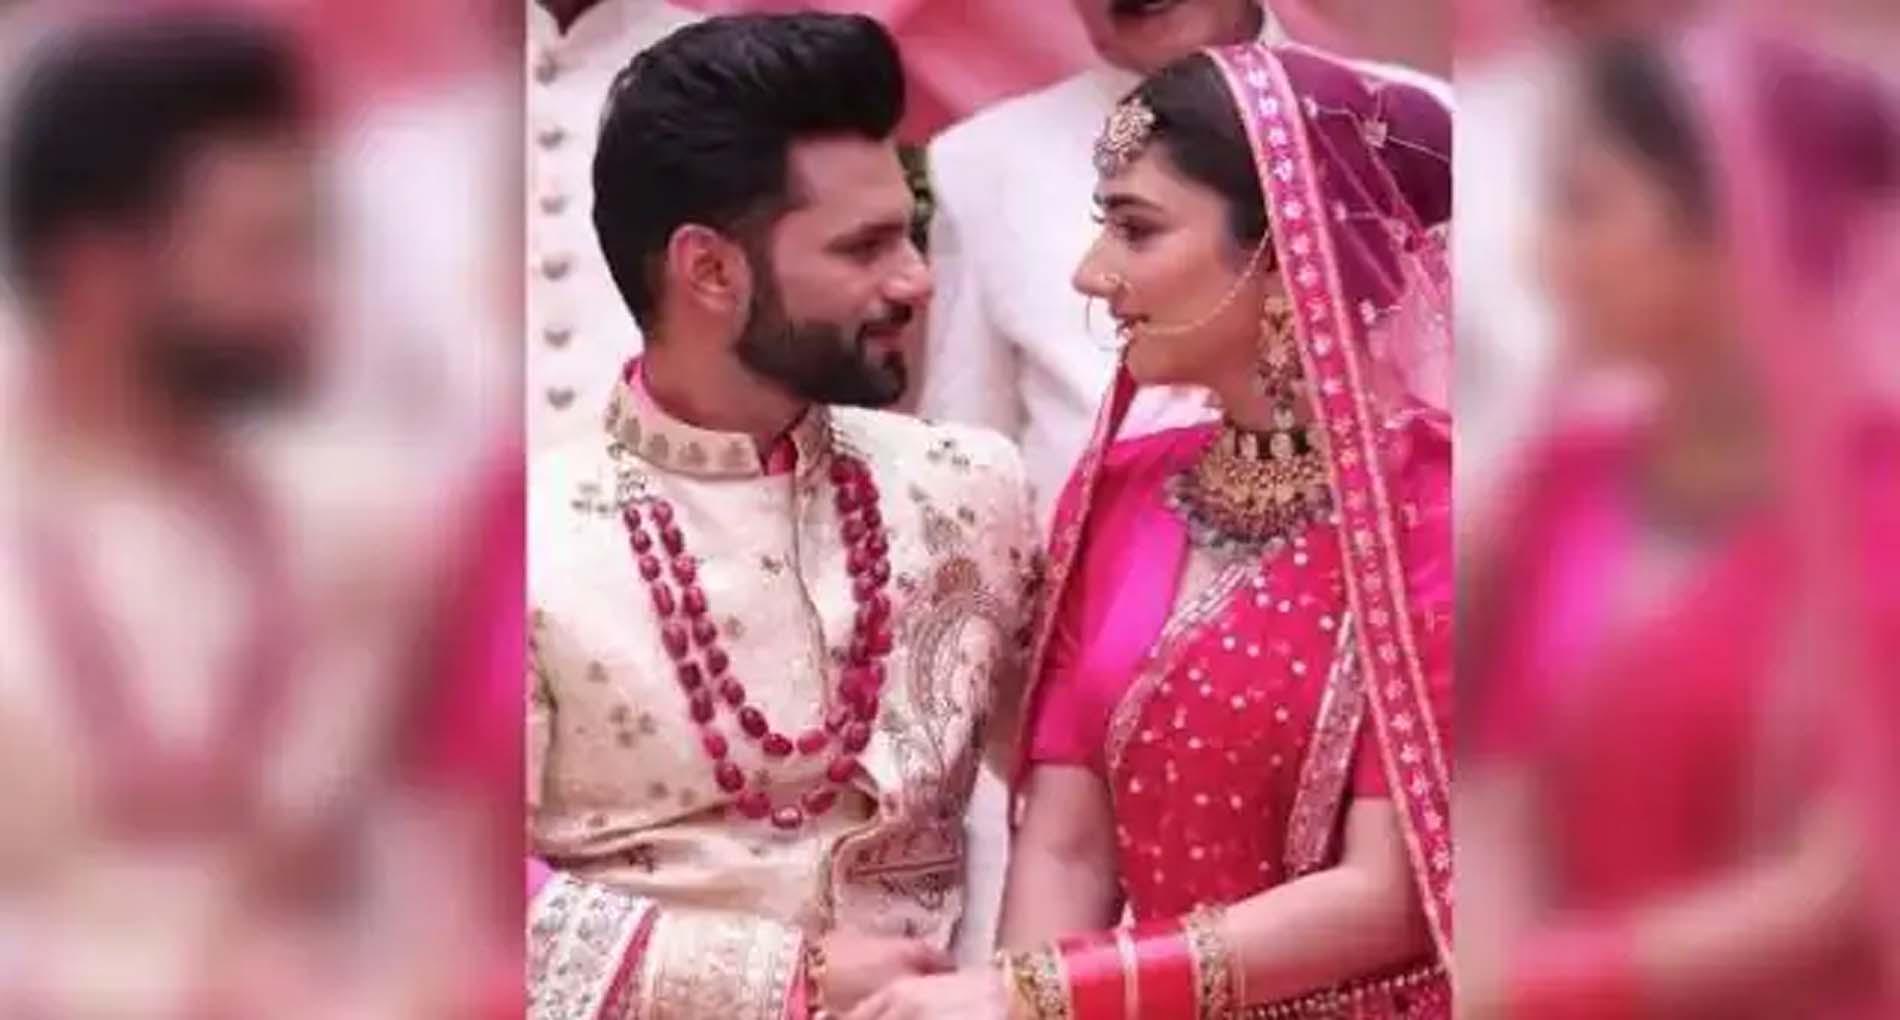 राहुल वैद्य ने किया अपनी शादी की तारीख का खुलासा! गर्लफ्रेंड दिशा परमार के संग इस दिन लेंगे सात फेरे